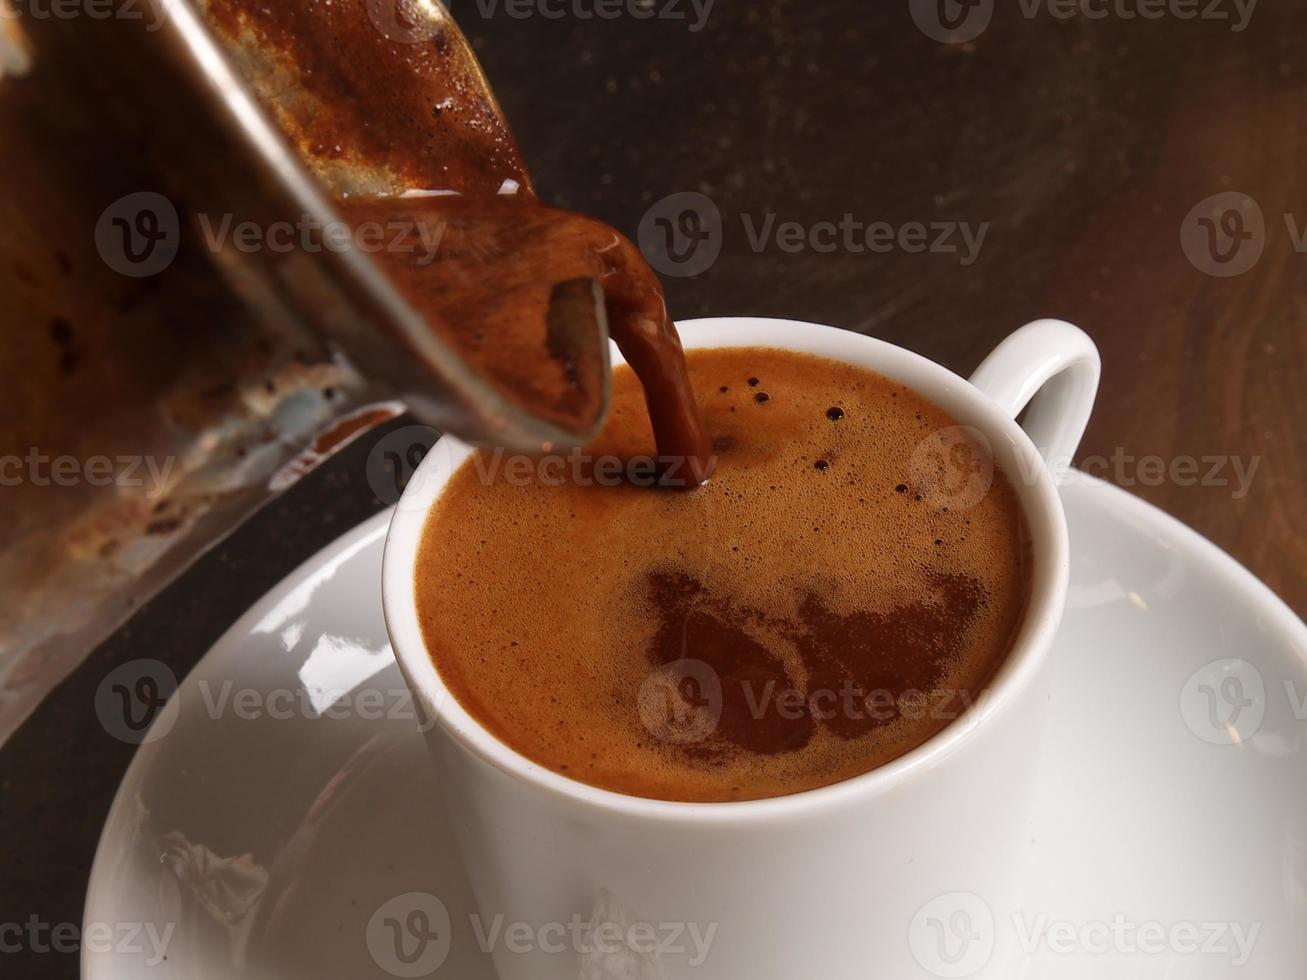 une tasse de café turc sur une plaque photo